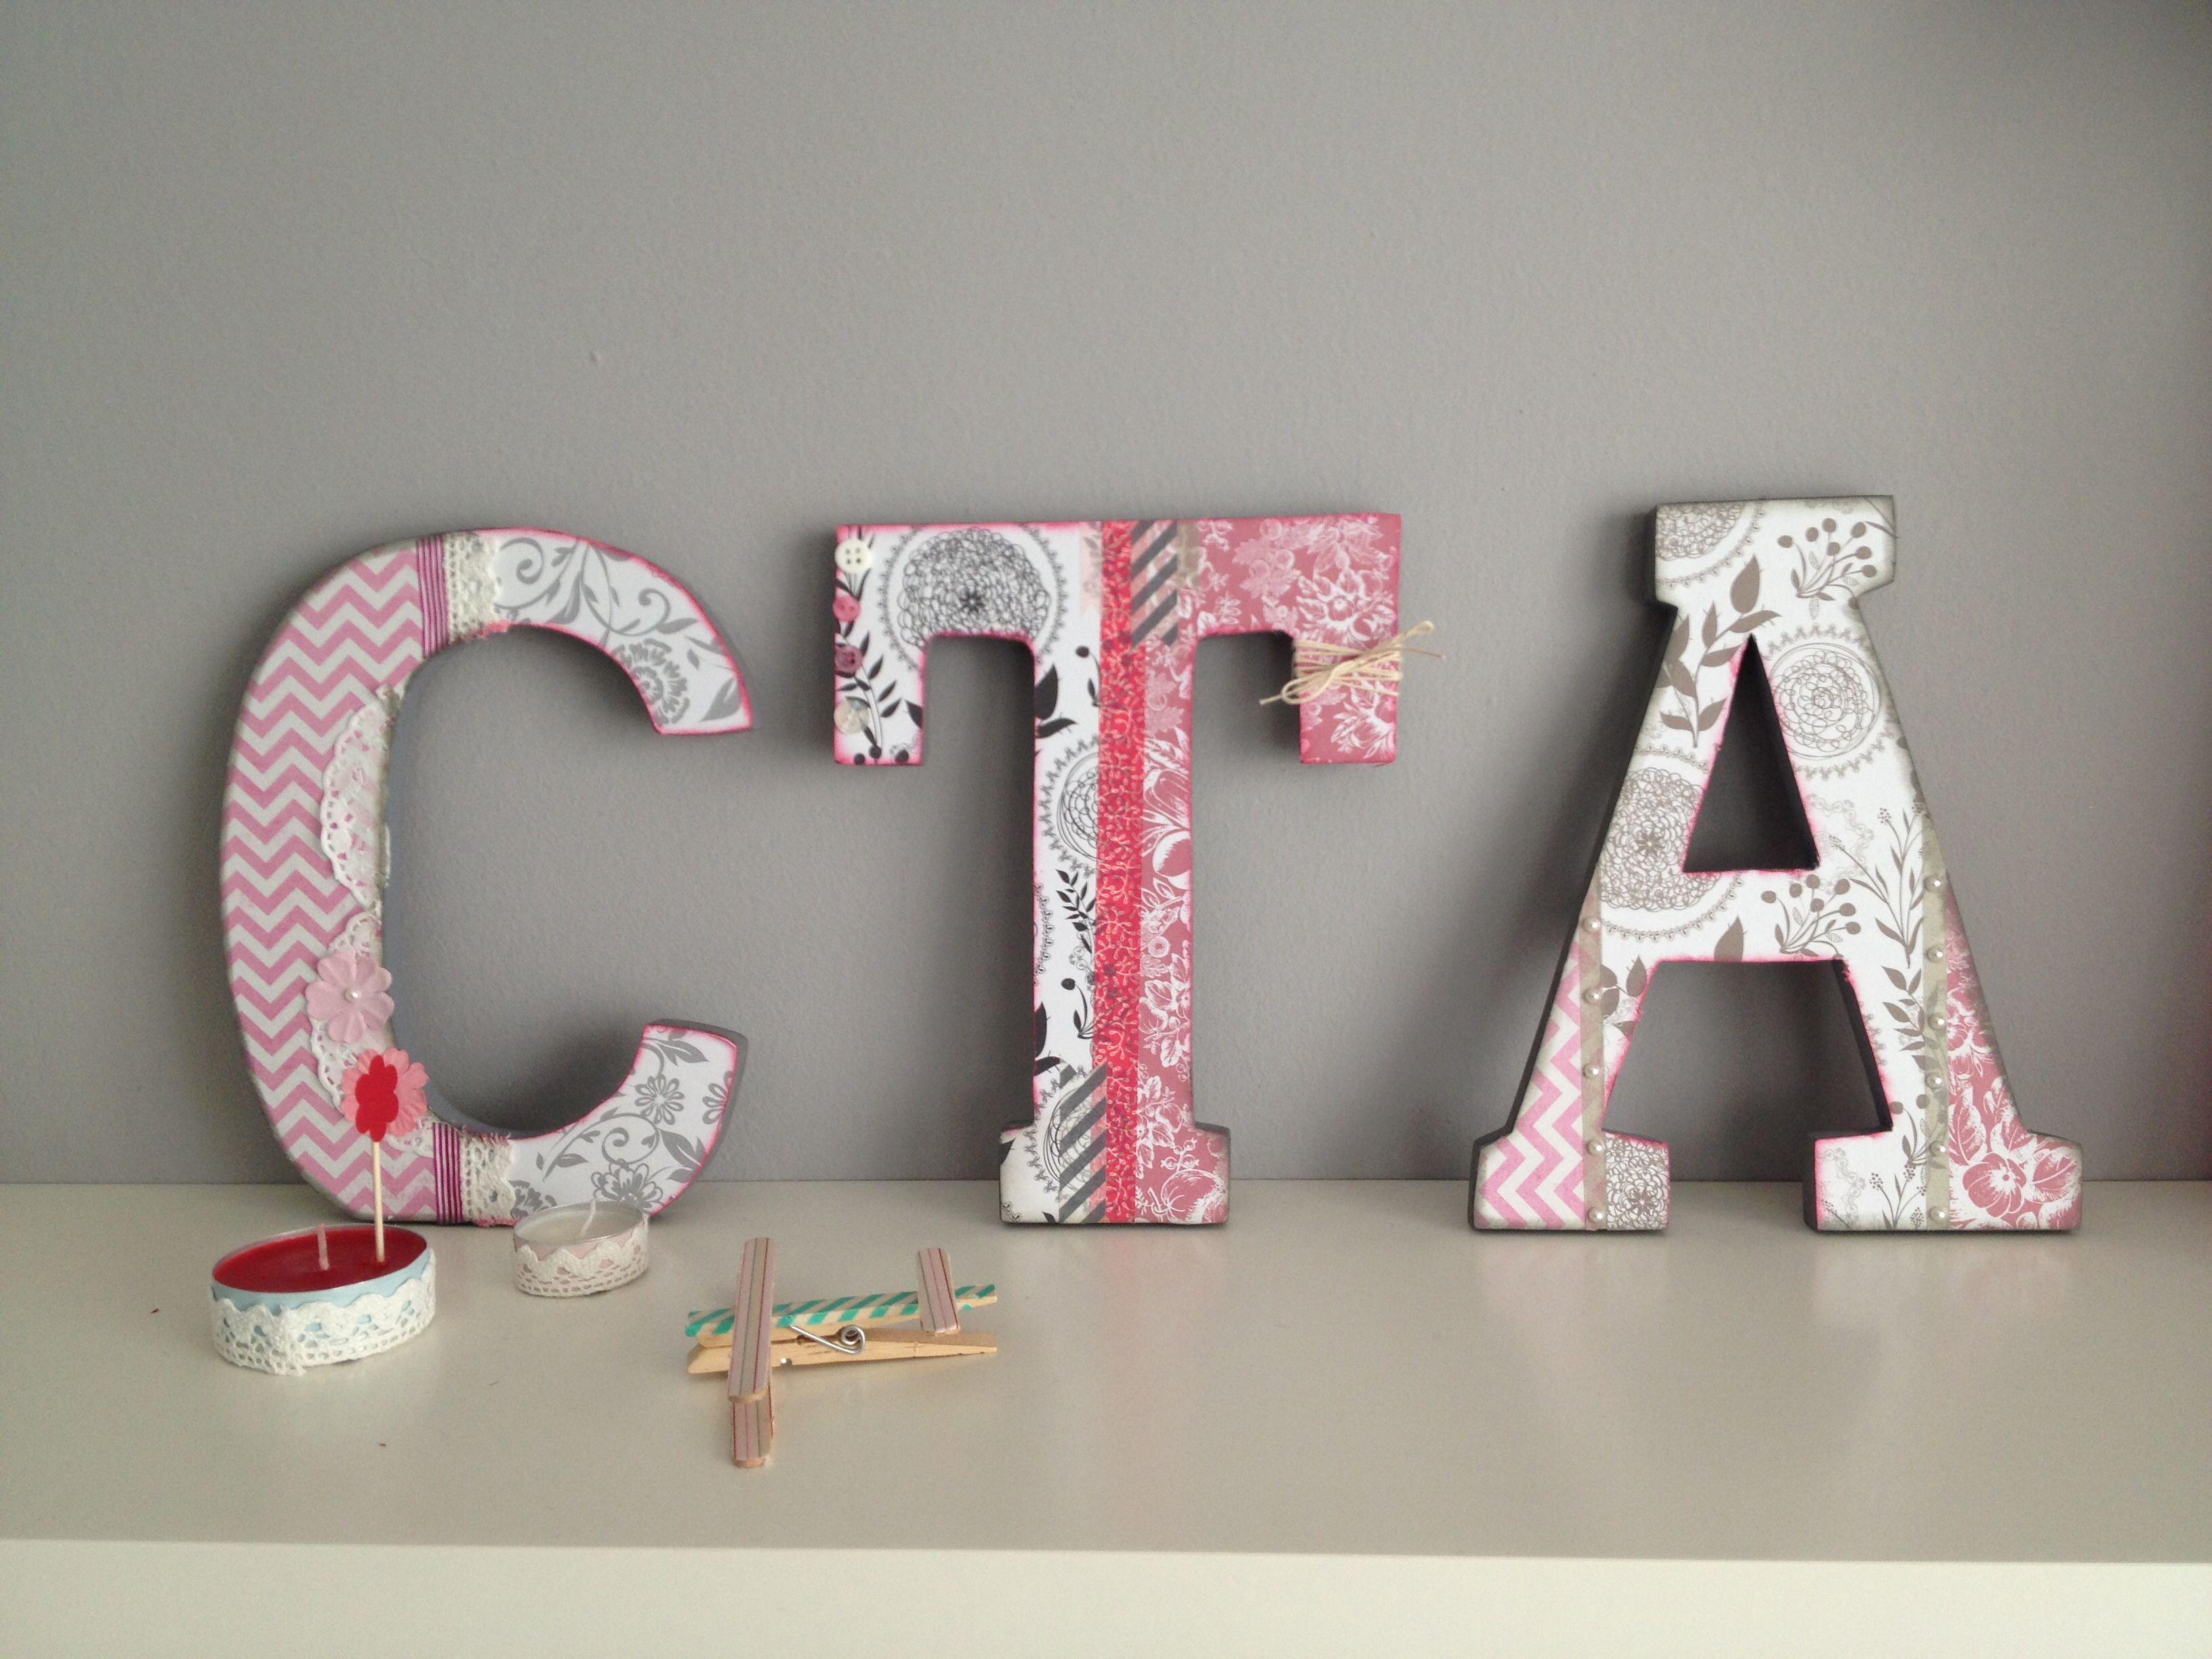 Letras de madera decoradas con papel lletres alterades - Letras en madera ...